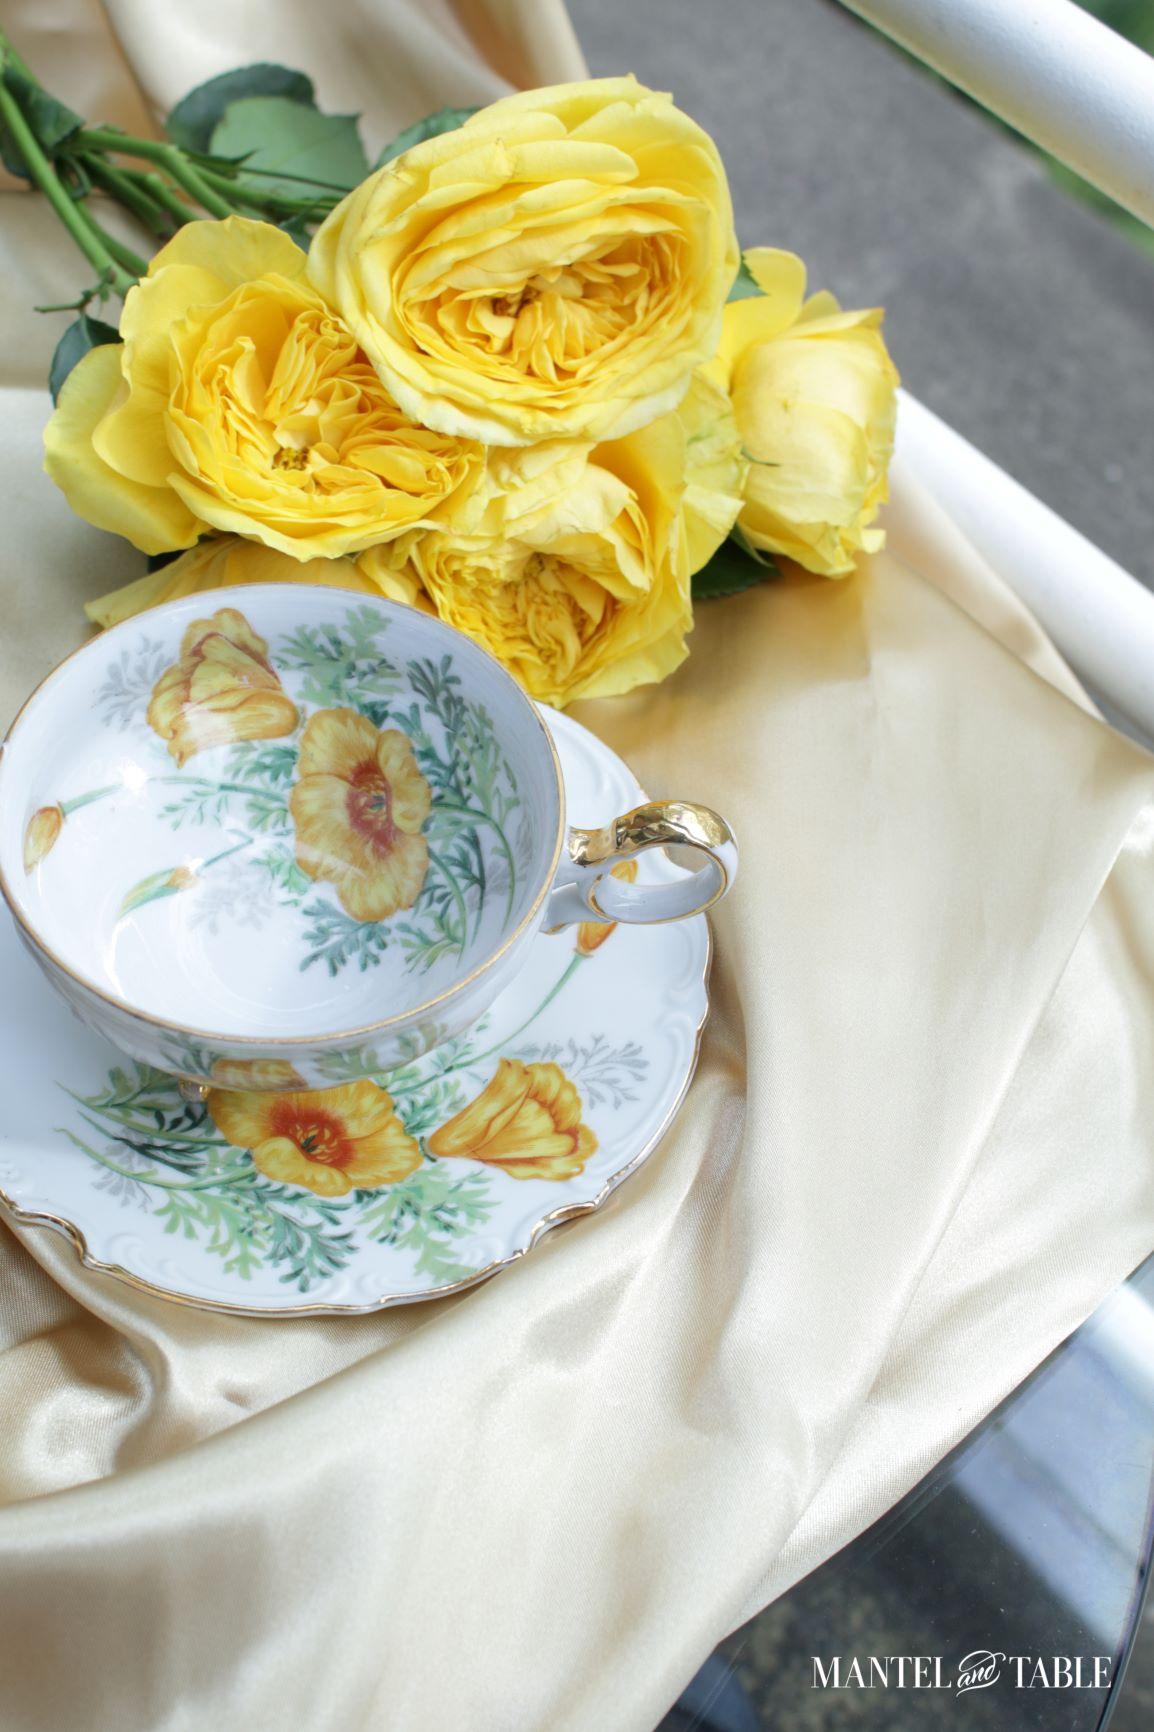 Teacup and saucer top view